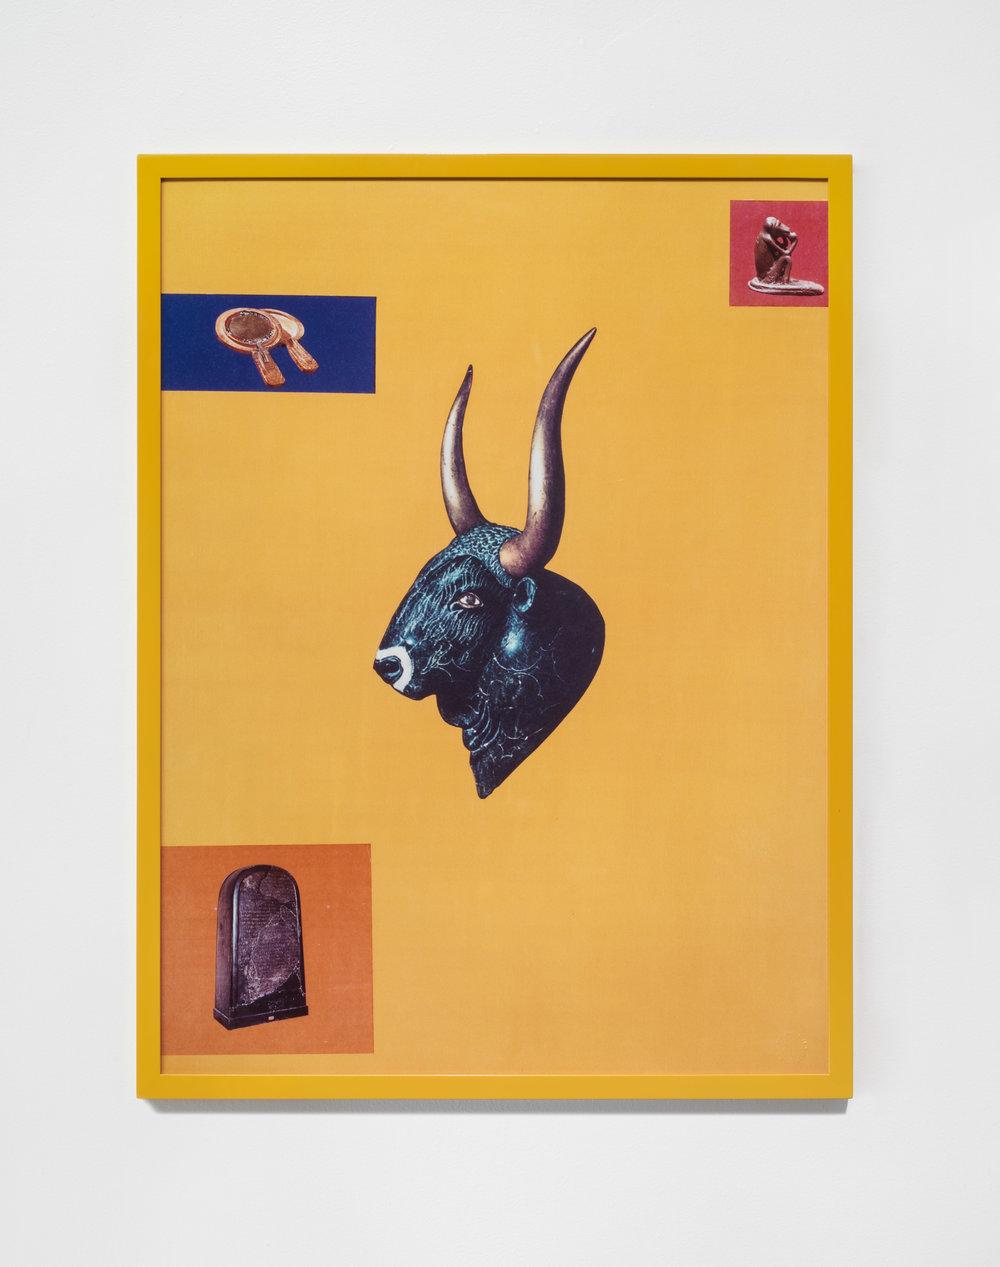 Bull , 1986 © Sarah Charlesworth